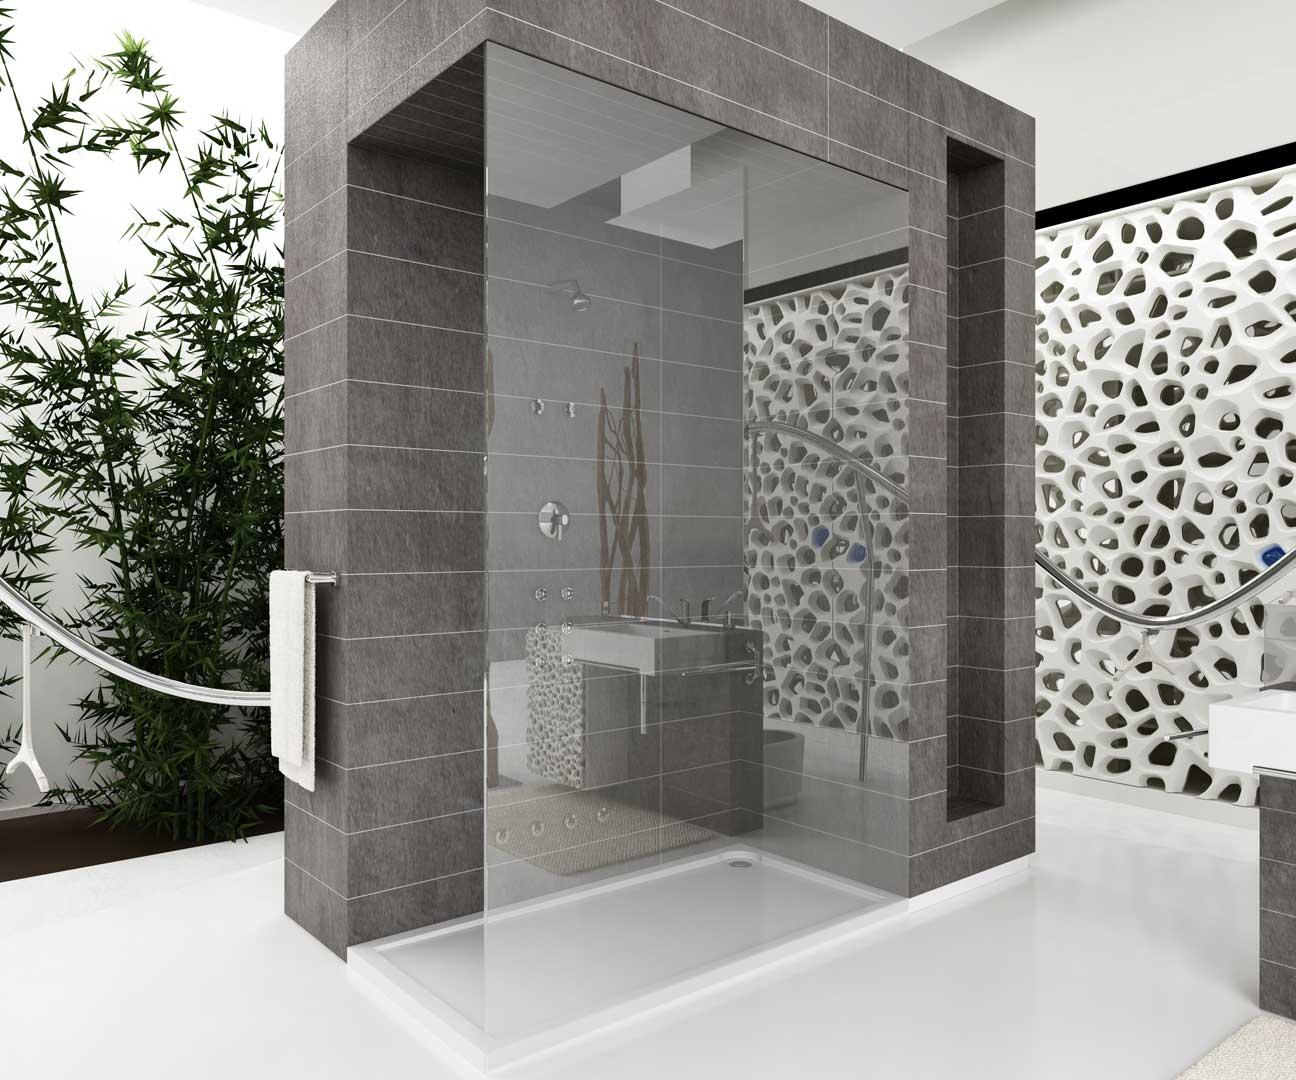 Rivero proyectos e instalaciones sl - Banera para plato de ducha ...